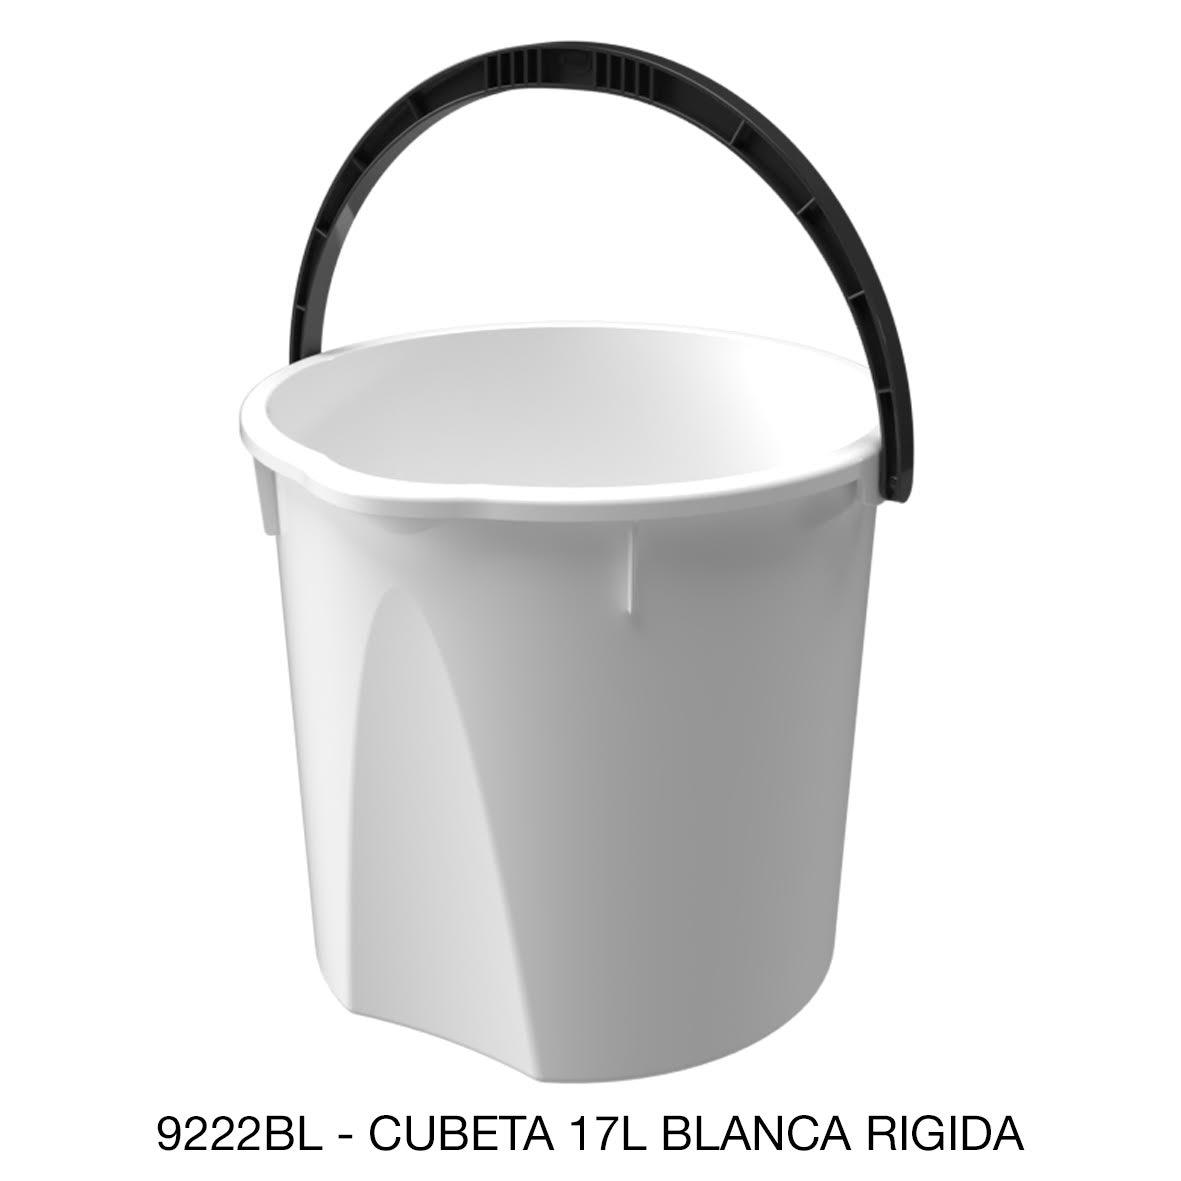 Cubeta resistente de 17 litros rígida color blanco modelo 9222BL de Sablón